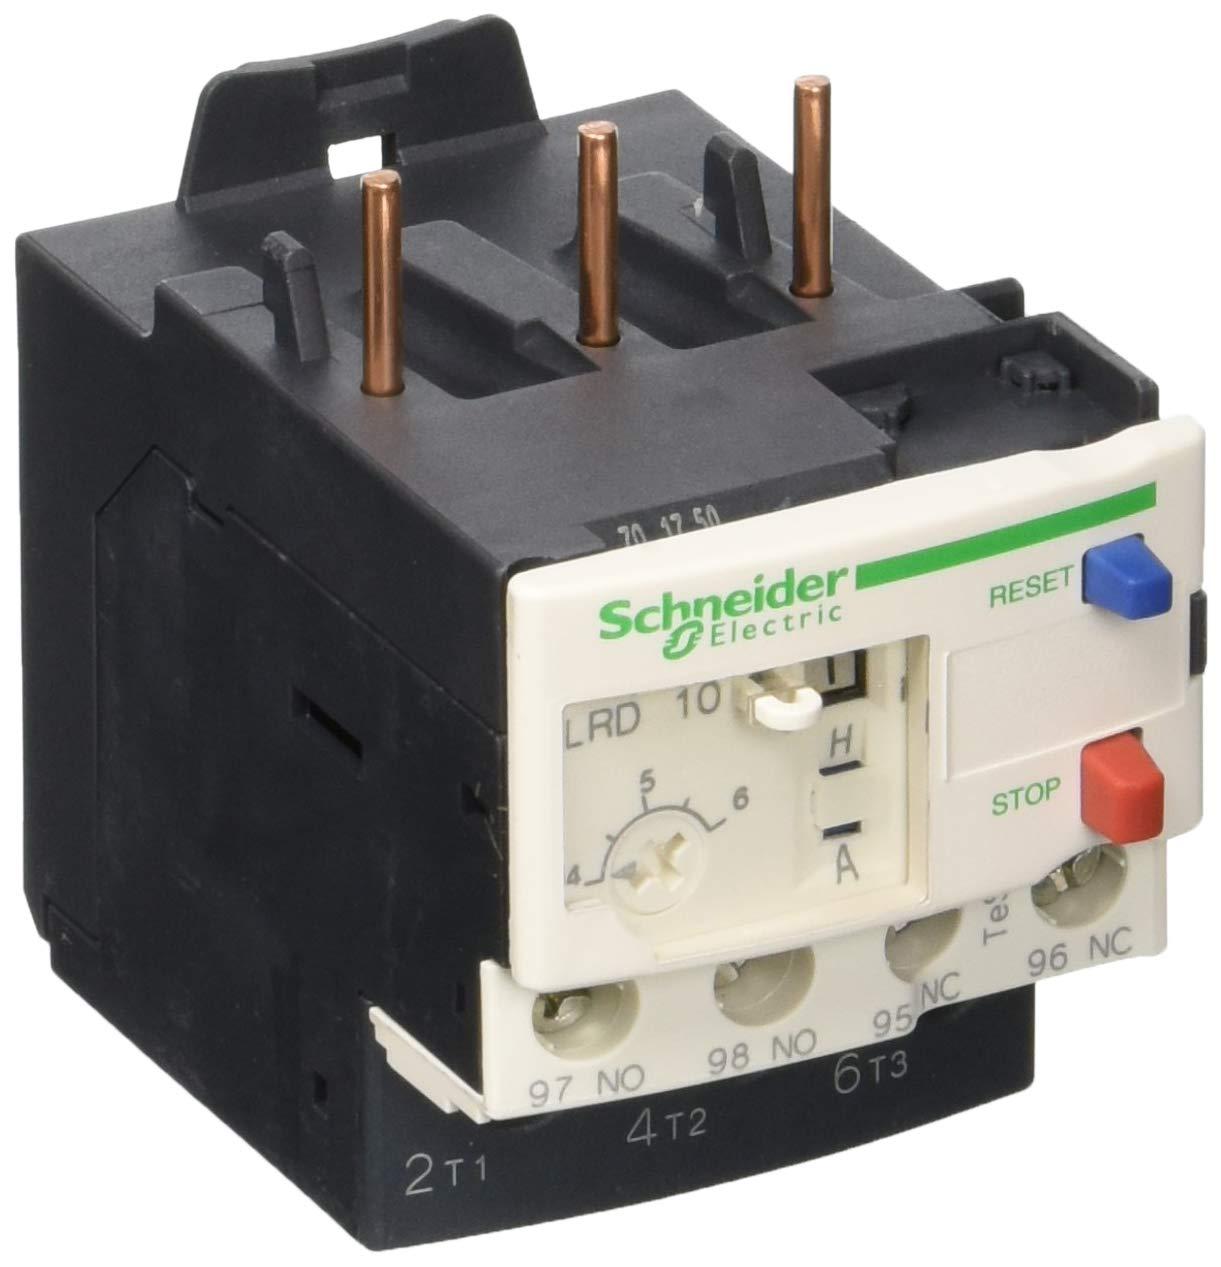 SCHNEIDER ELECTRIC - LRD10 - OVERLOAD RELAY